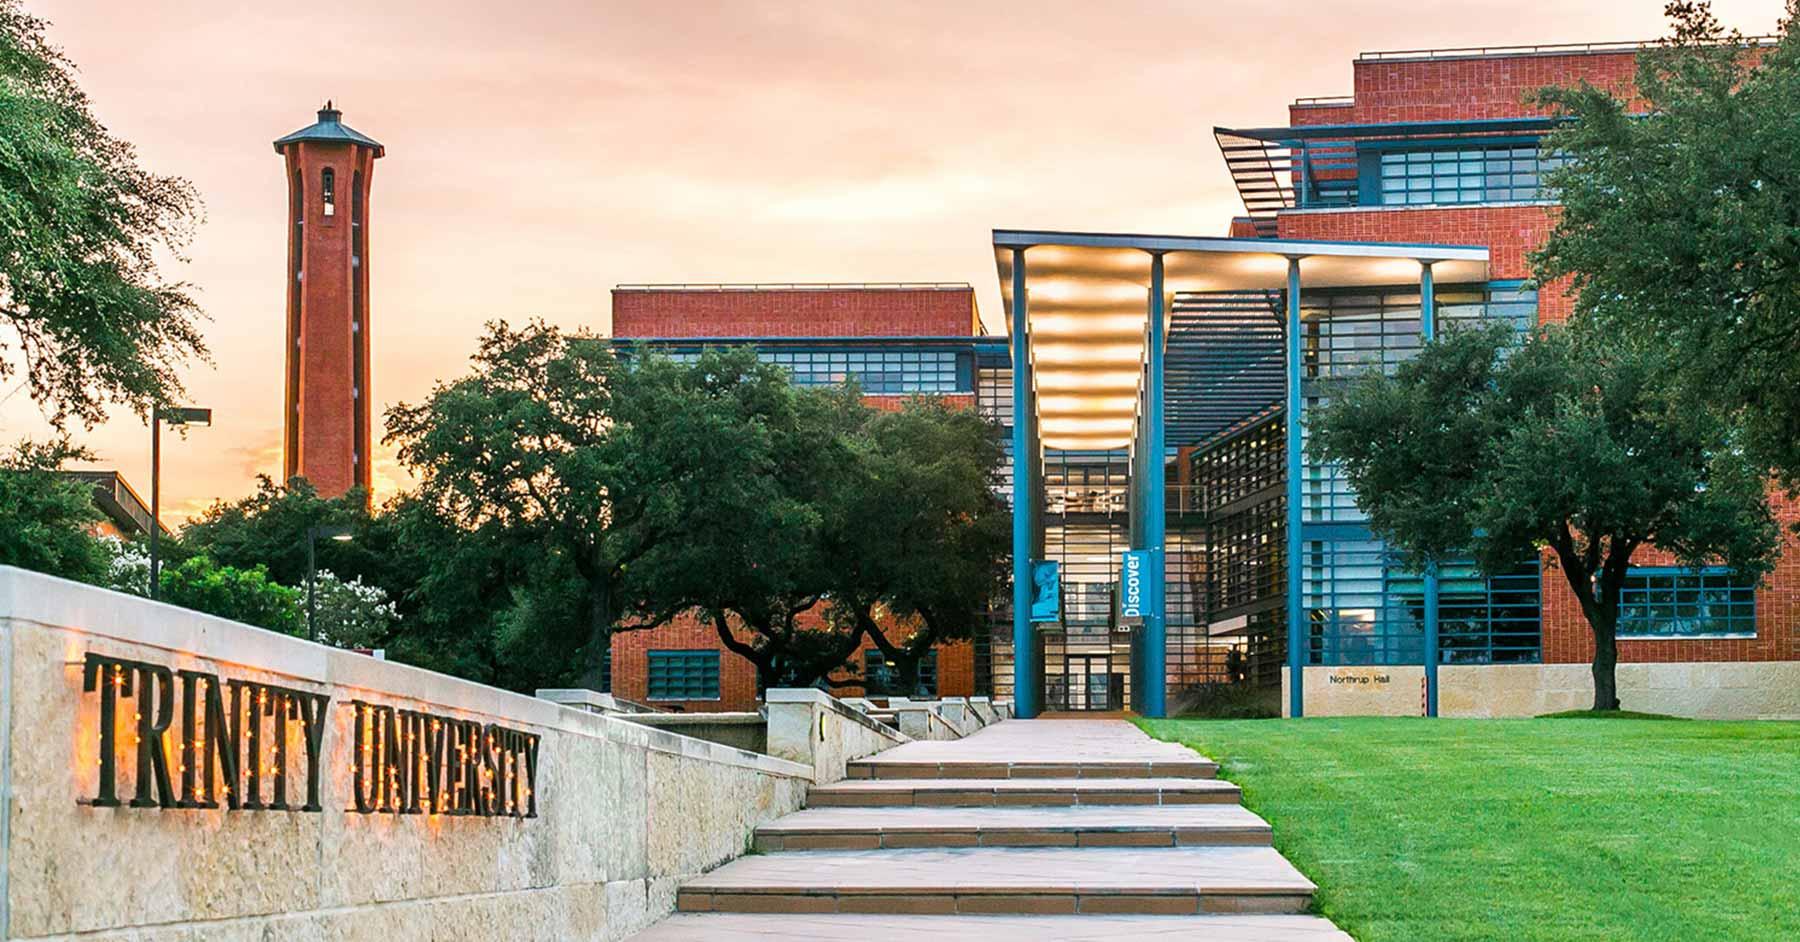 Trinity University - Texas